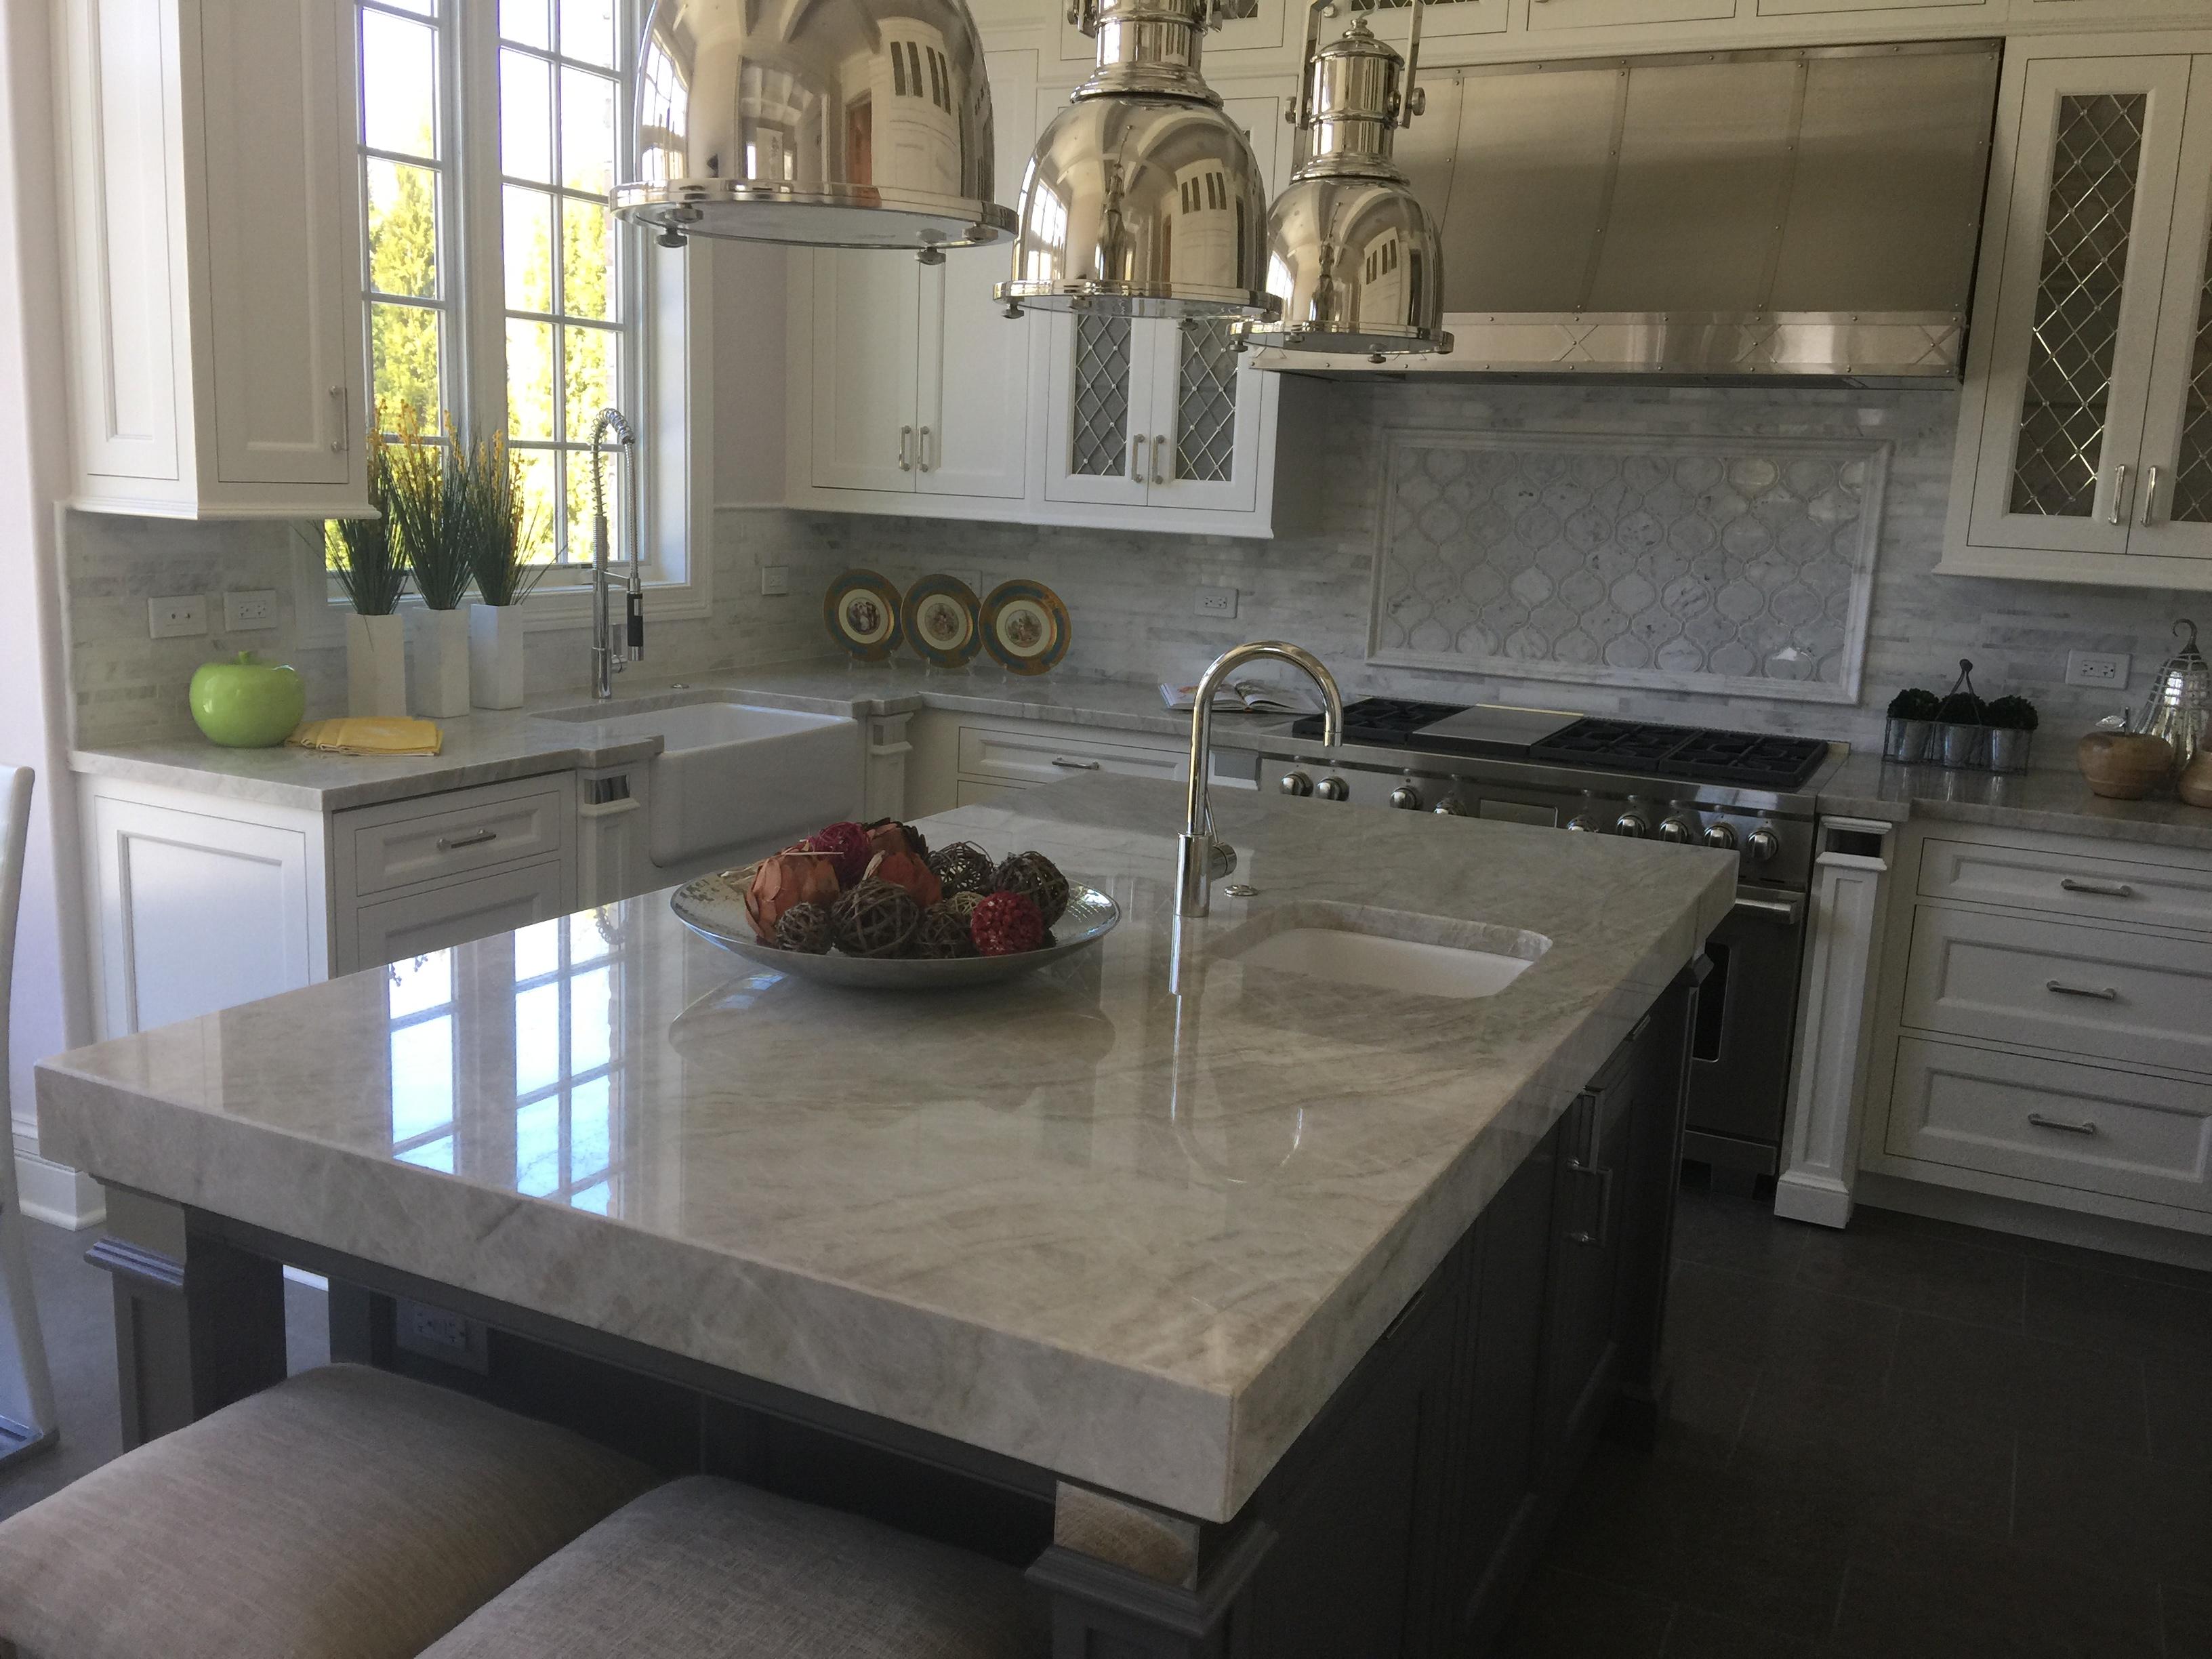 Tips When Buying Granite Countertops